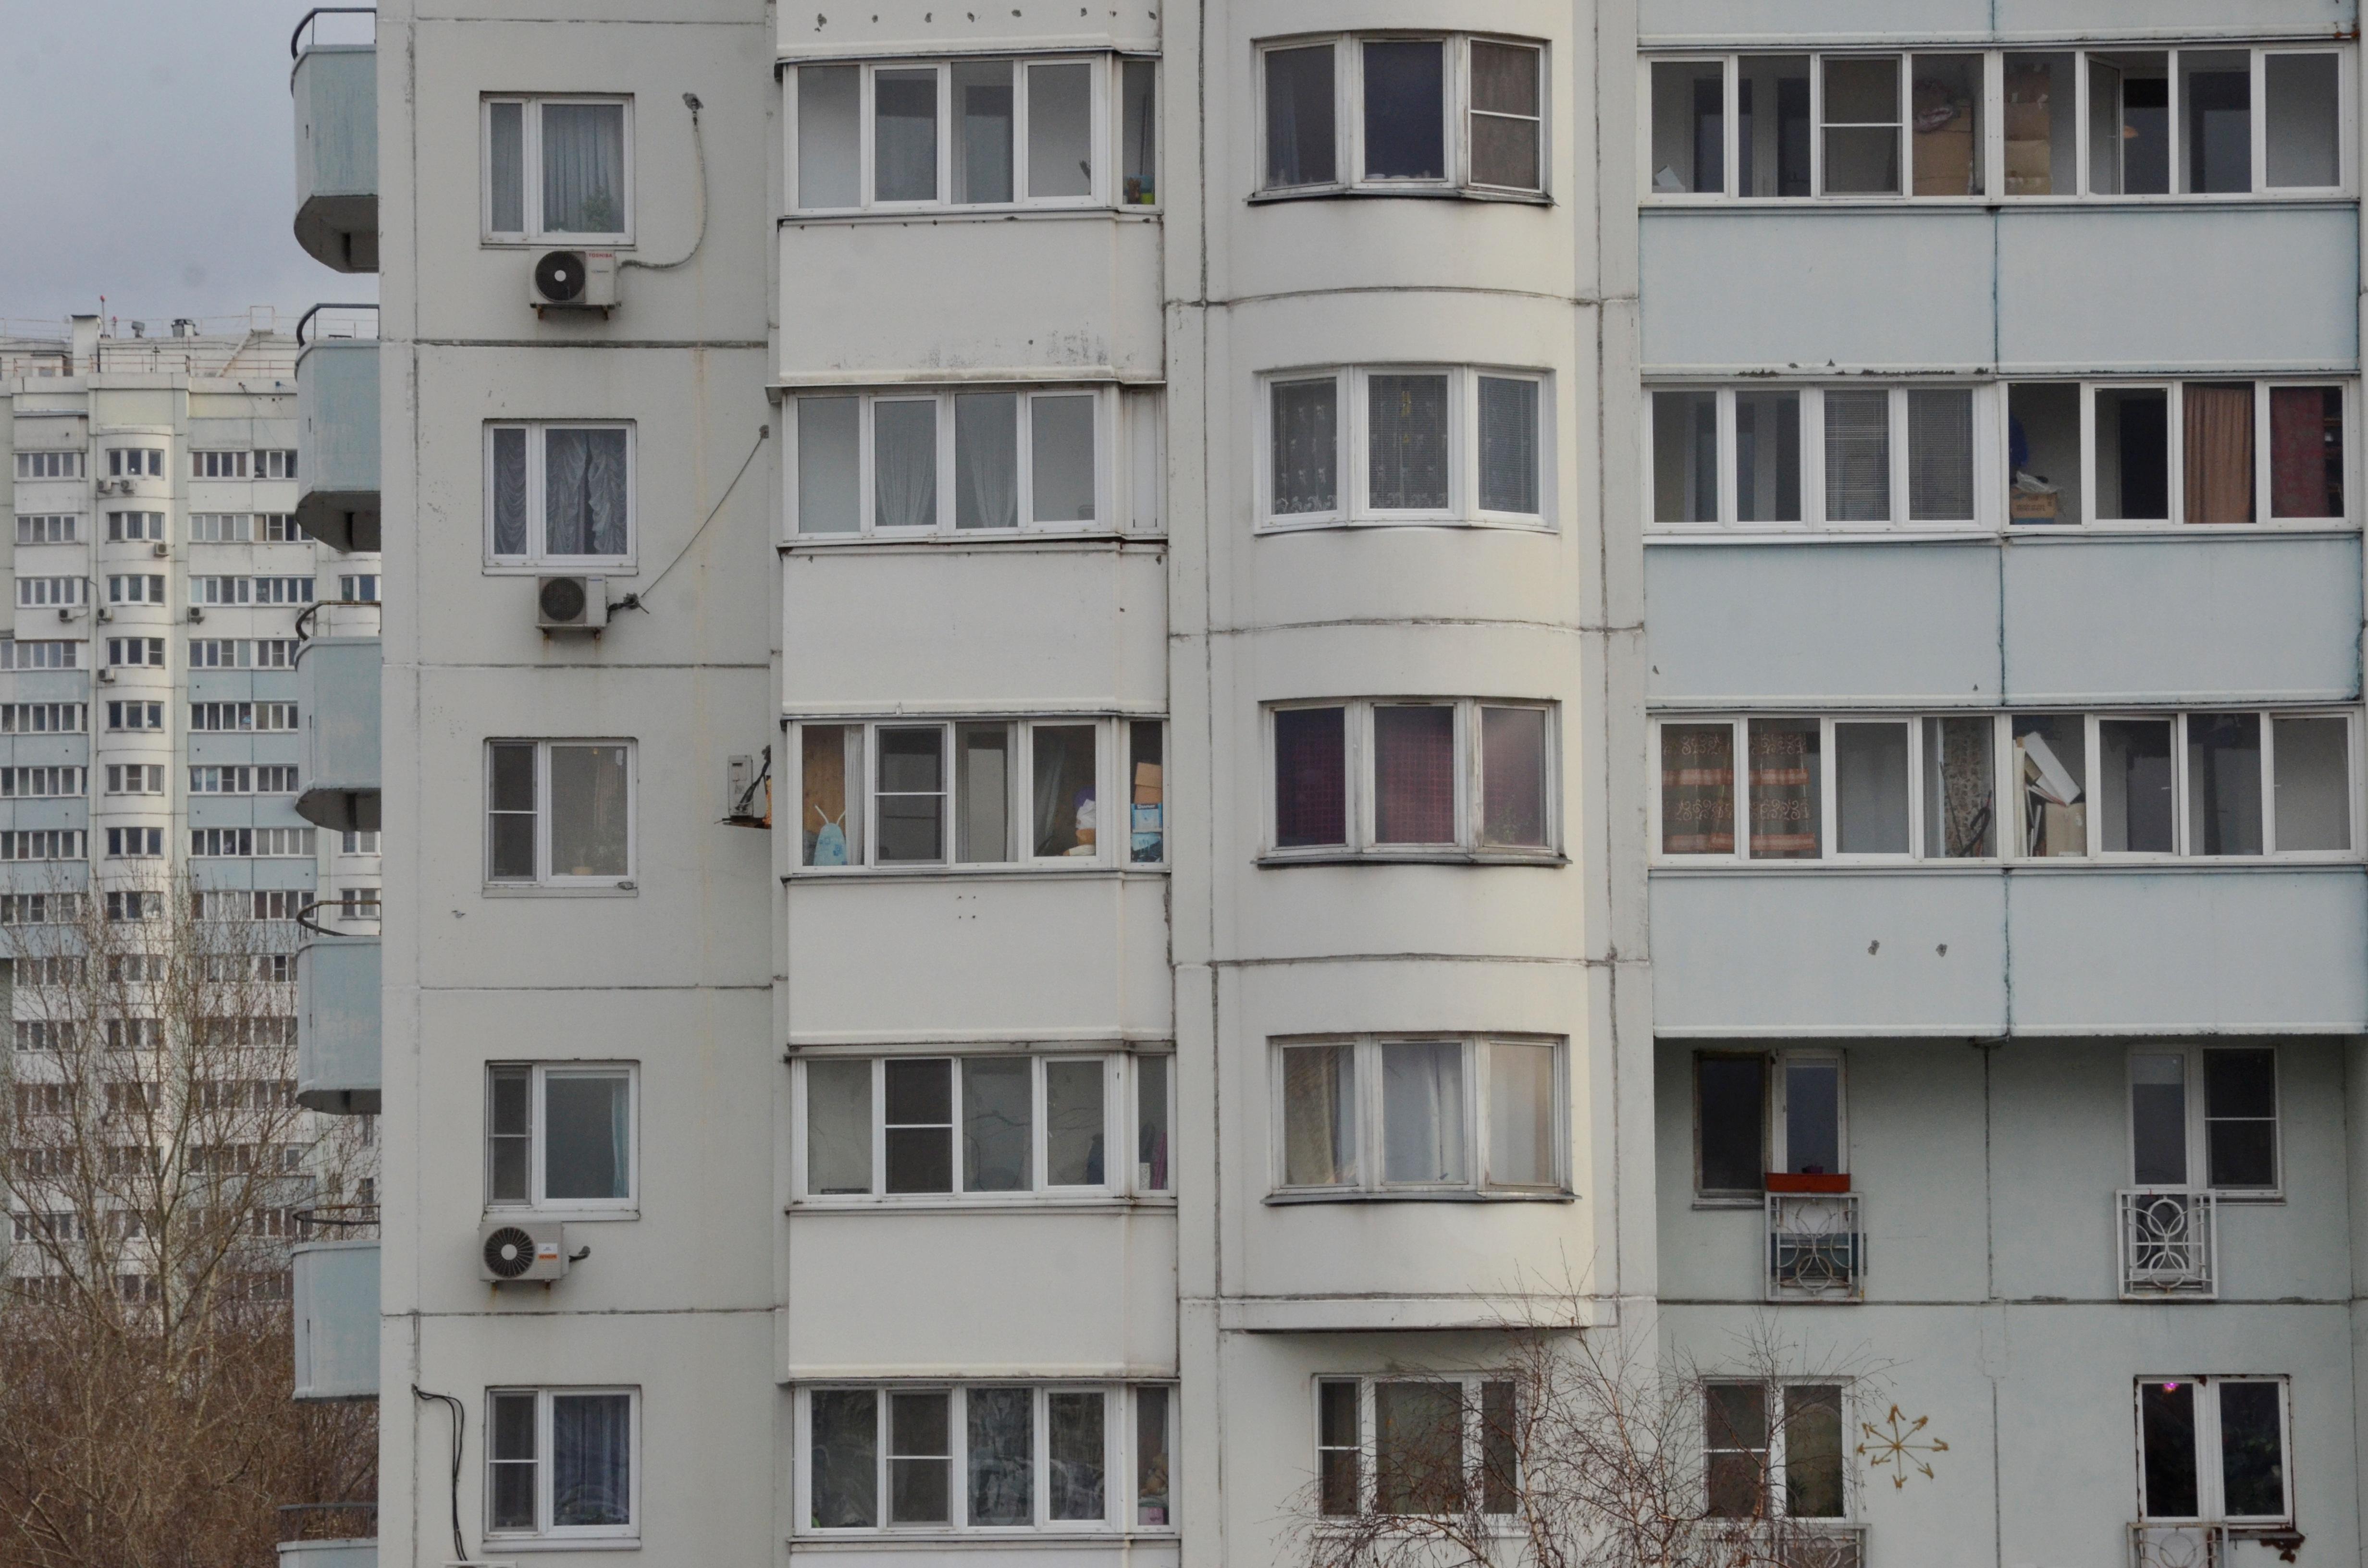 Более 10 миллионов квадратных метров недвижимости возвели в Новой Москве в прошлом году. Фото: Анна Быкова